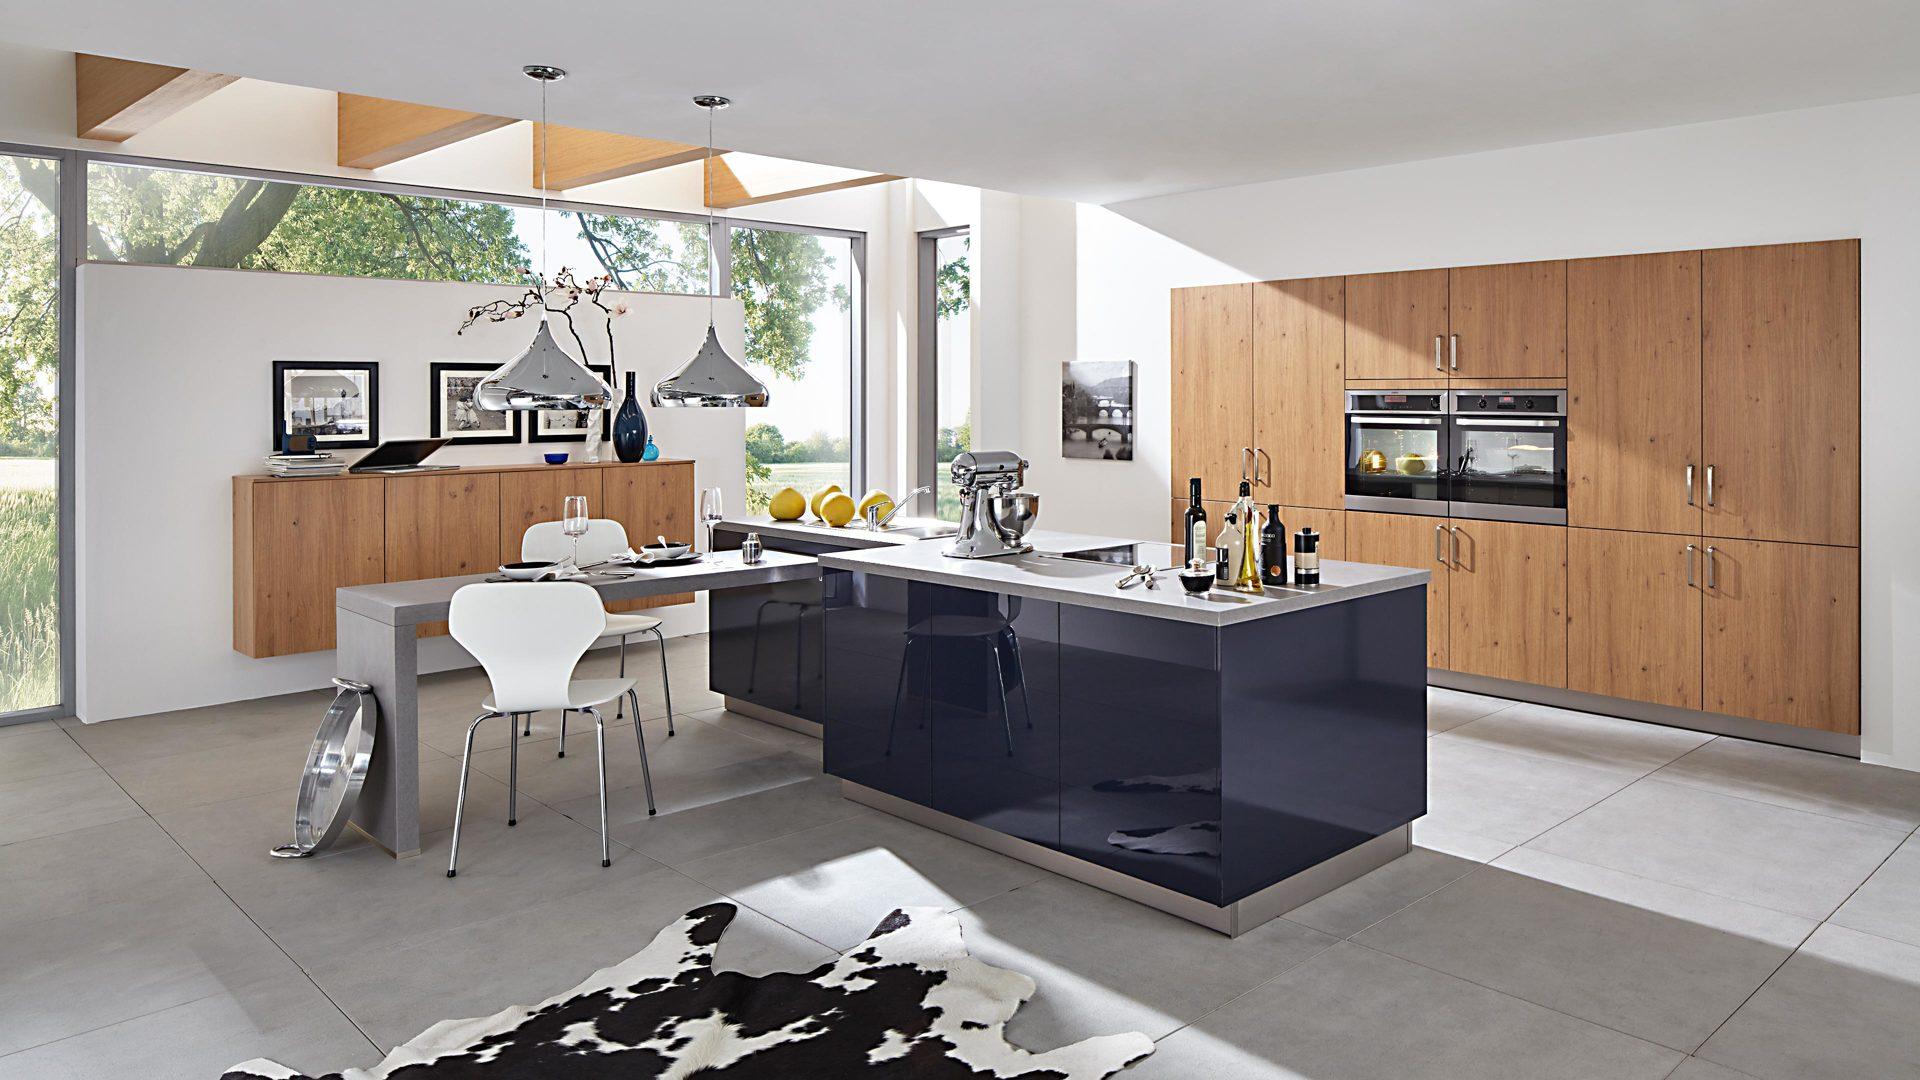 Aeg Kühlschrank Lampe Wechseln : Aeg küchen aeg santo kühlschrank lampe auswechseln frisch küchen in